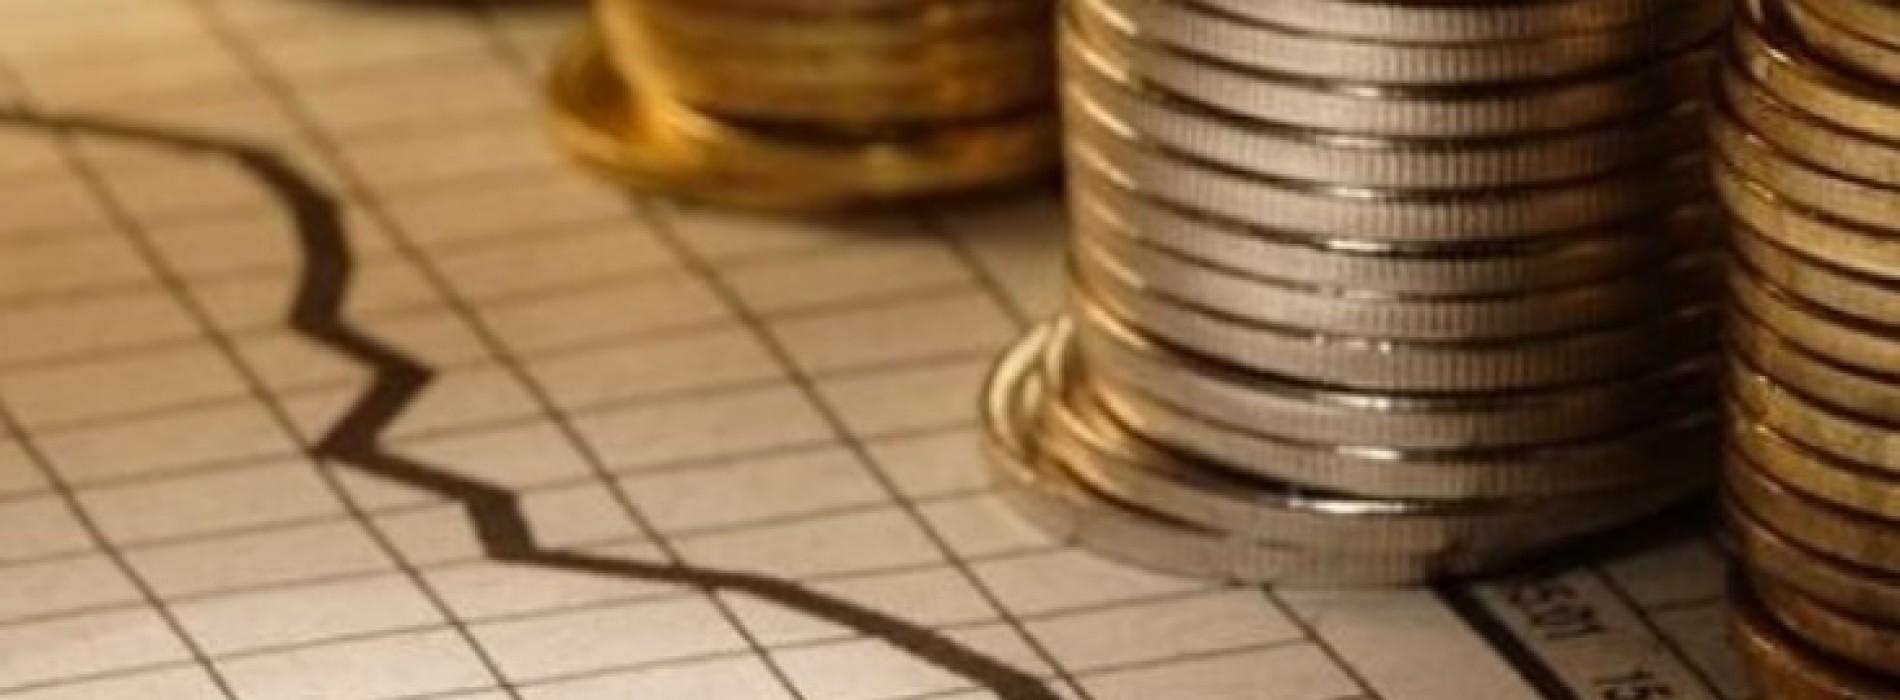 Czym charakteryzuje się nadpłata?